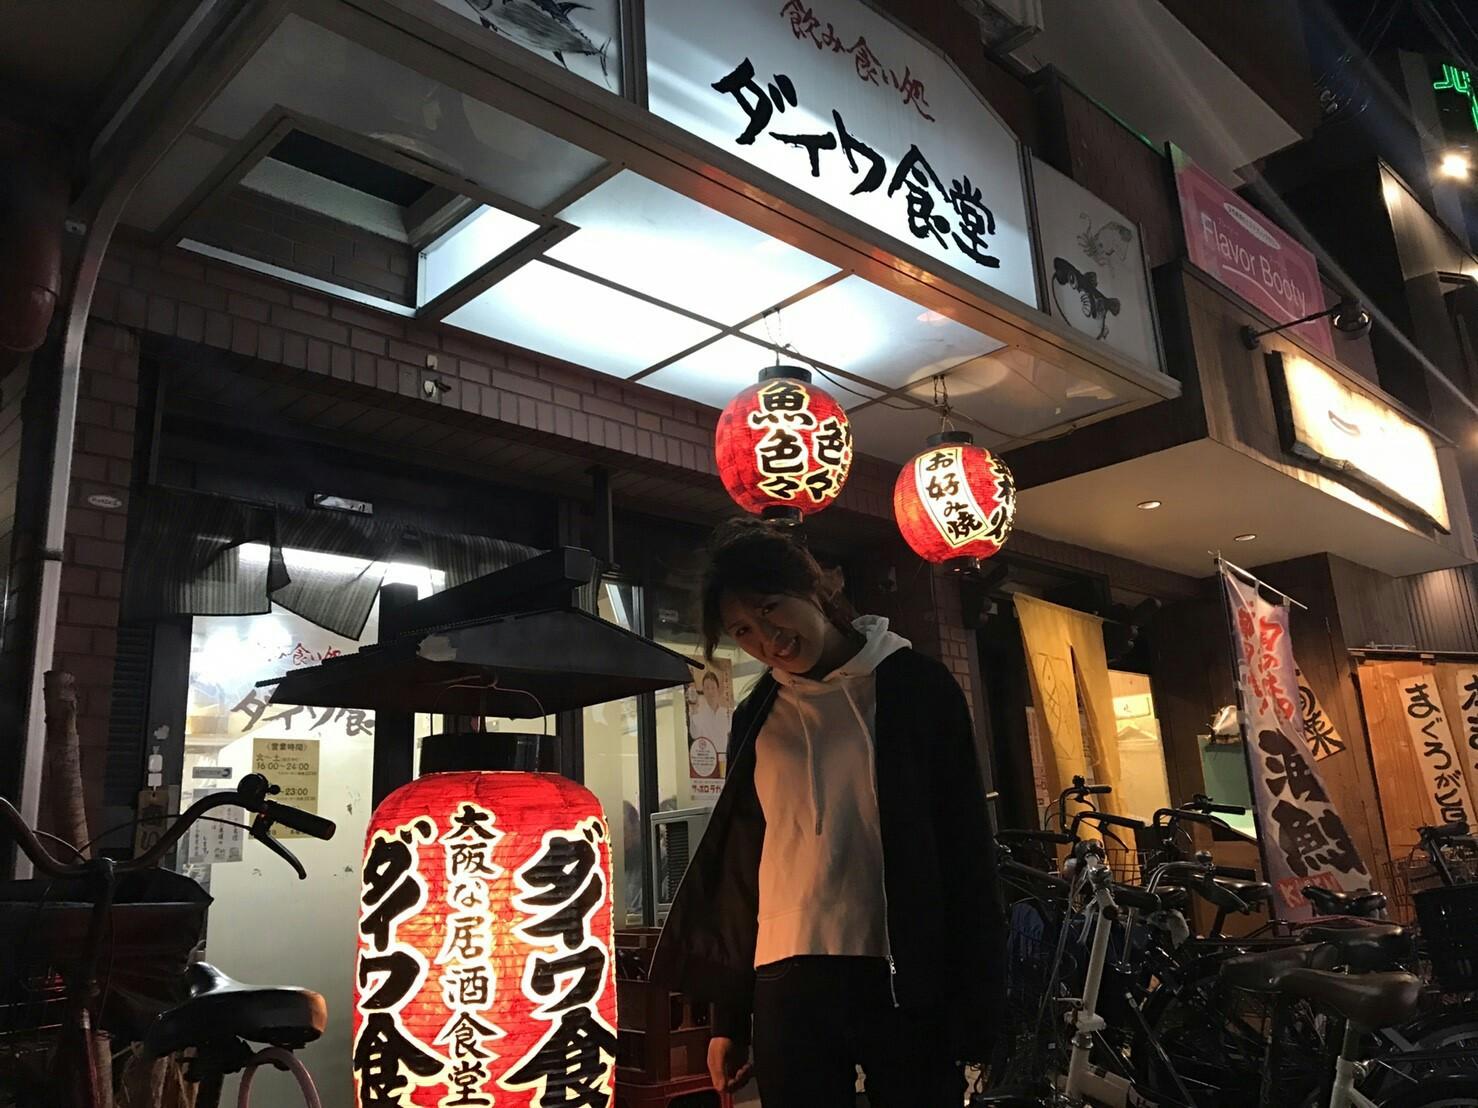 f:id:shiika-0620:20170425200136j:image